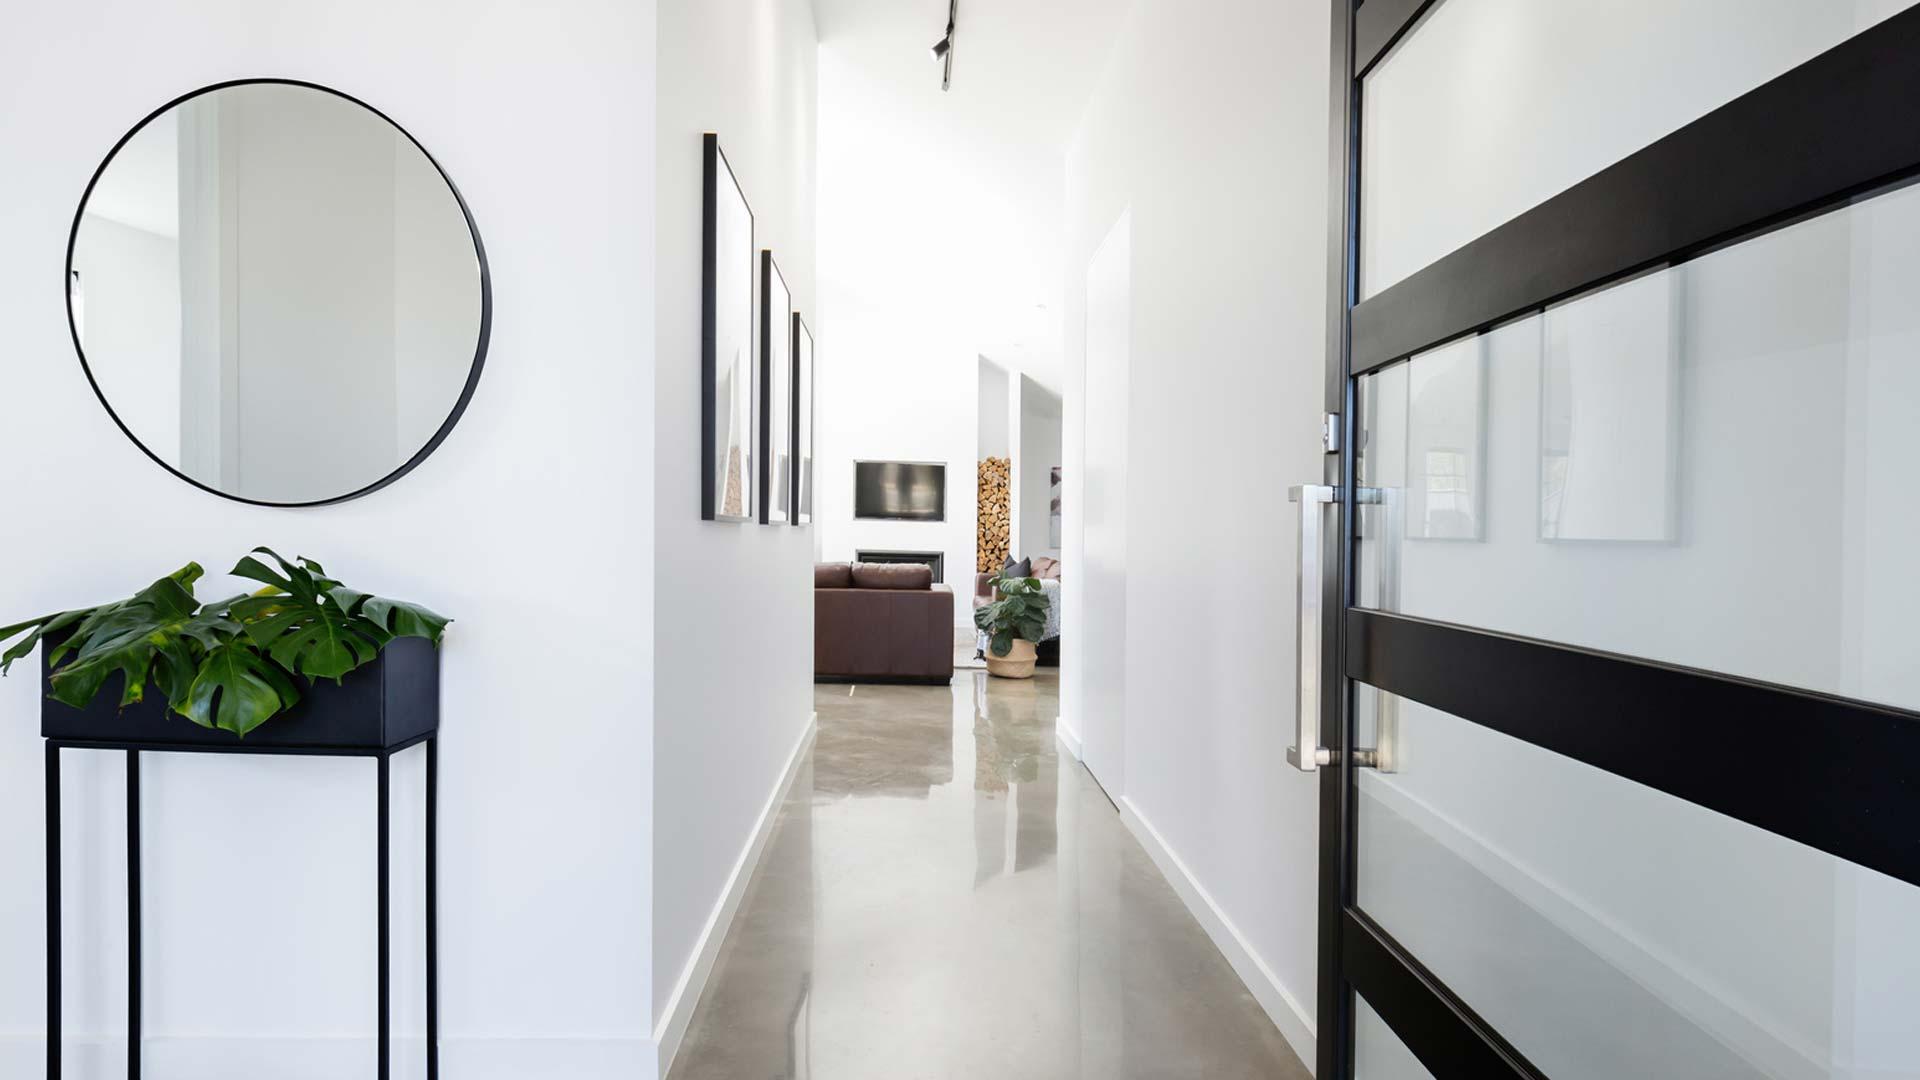 Apartment kaufen: Preise, Lage, Vor- & Nachteile, Checkliste